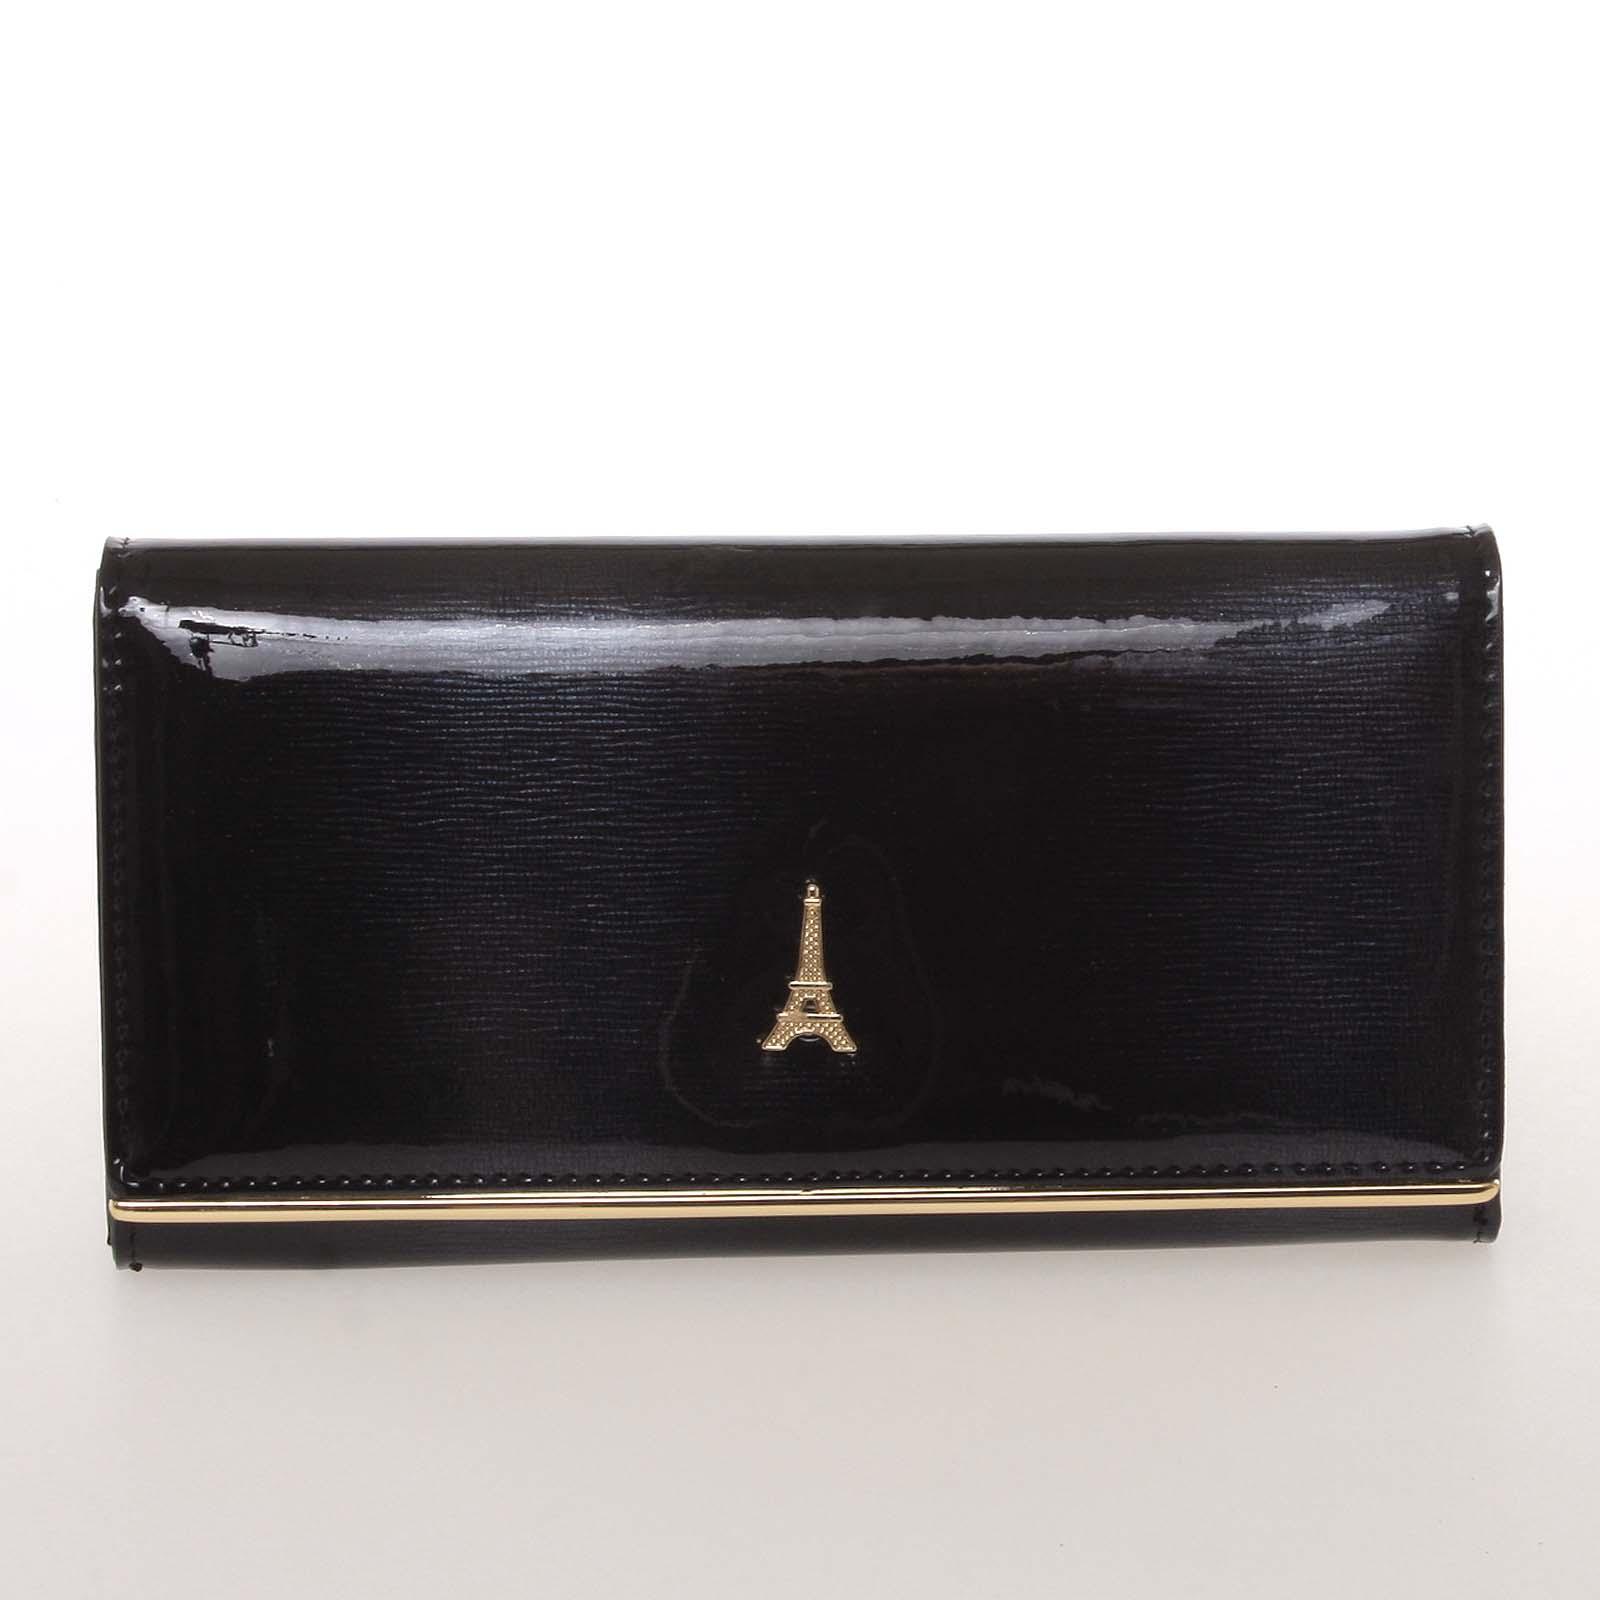 Jedinečná kožená lakovaná dámská peněženka černá - PARIS 64003DSHK LOREN